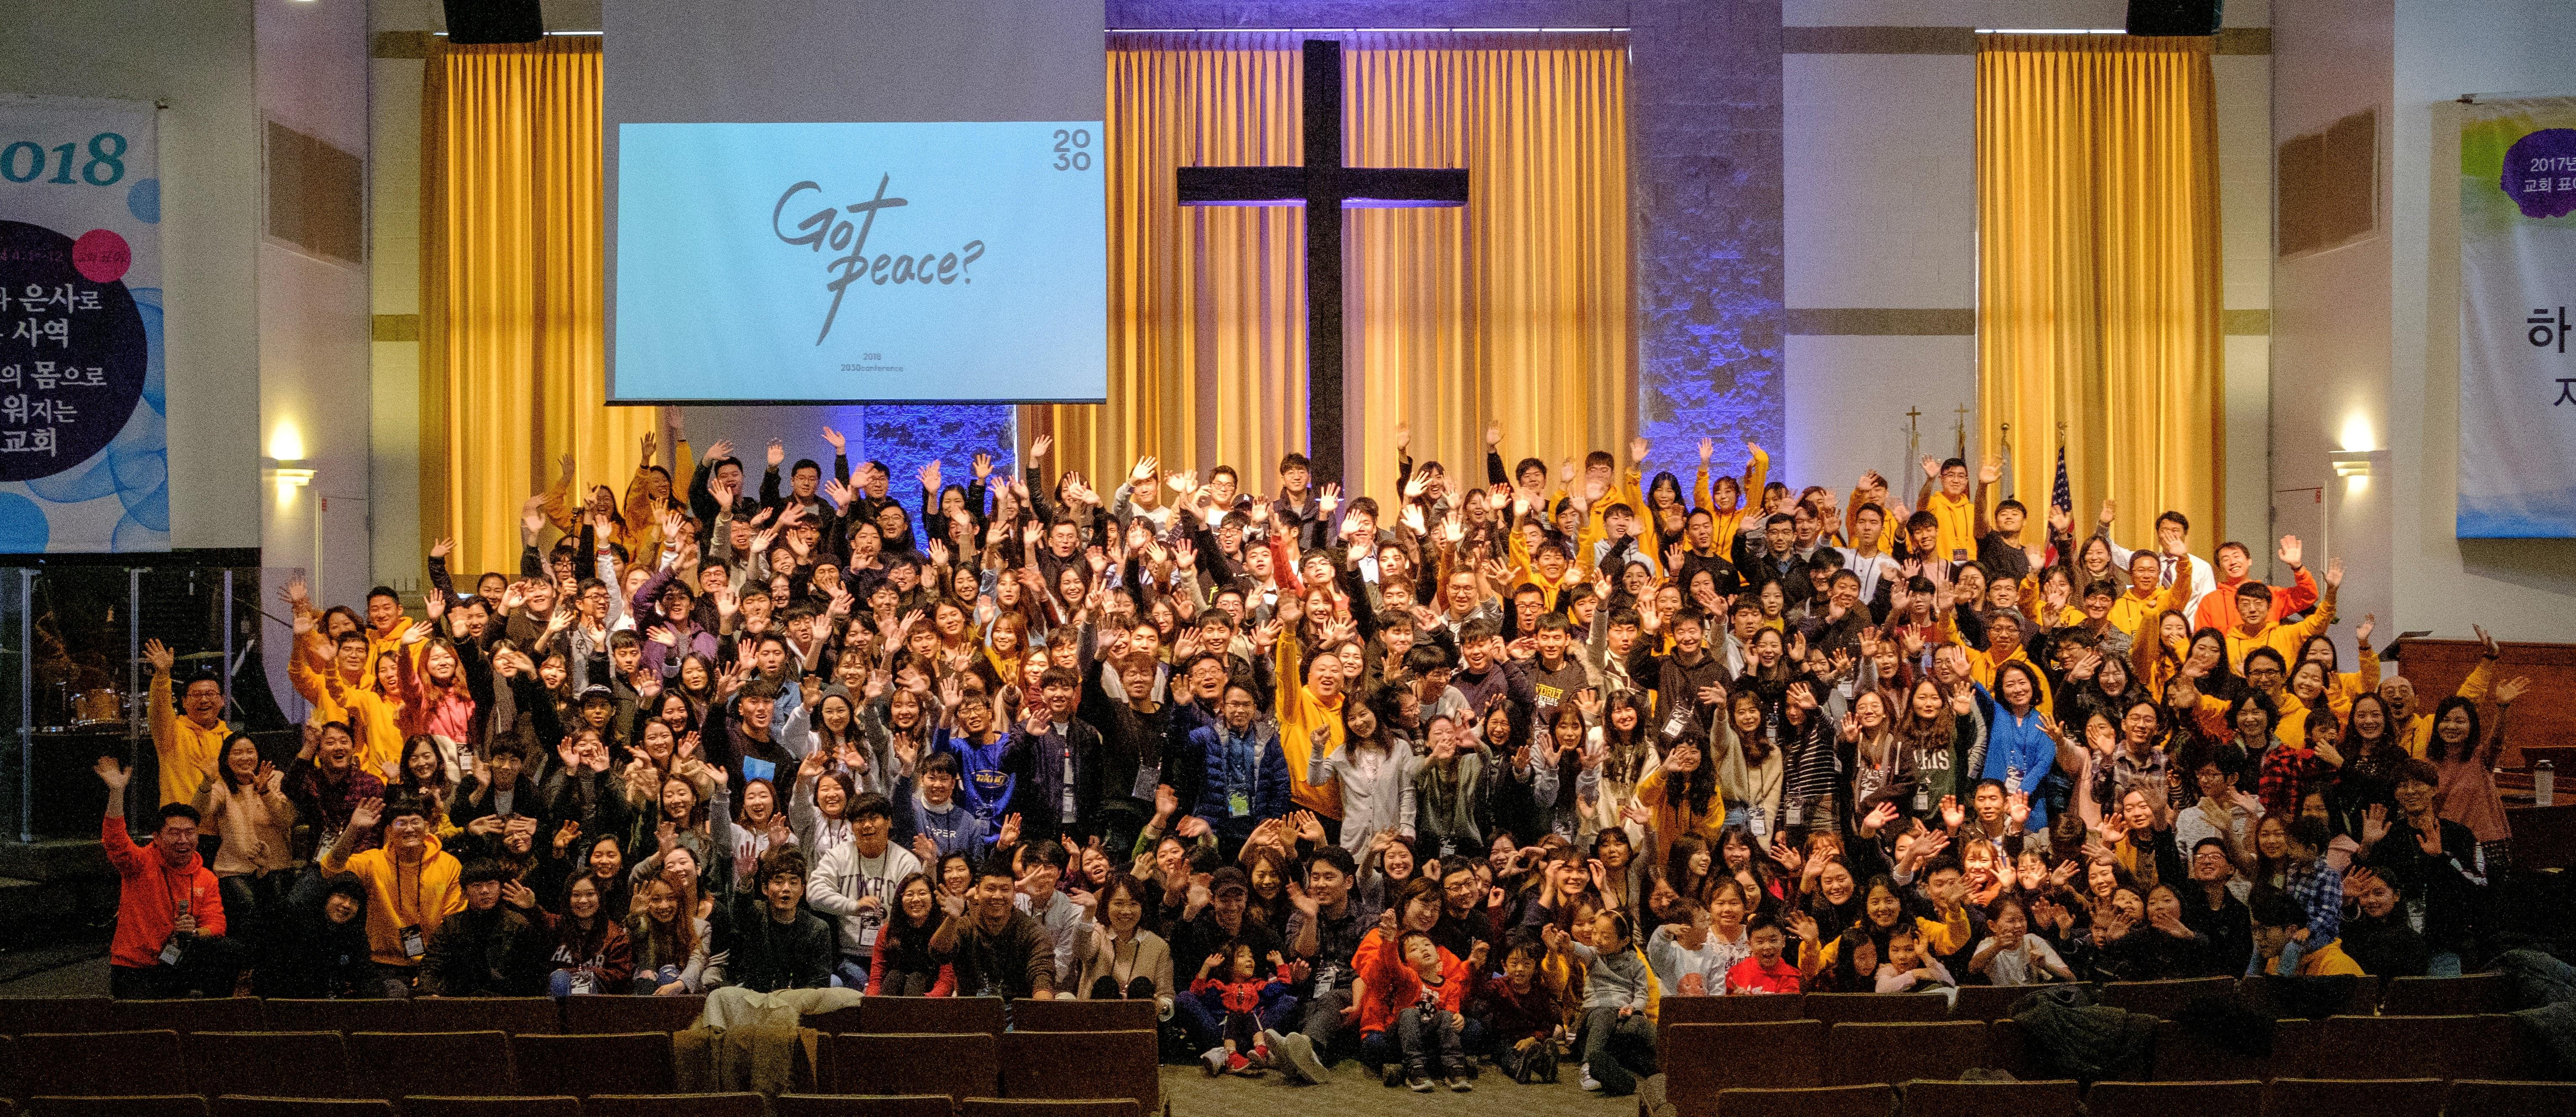 2018년 11월 23일 2030 컨퍼런스에 참석자들이 한자리에 모였다. 사진 제공 오치용 목사, 2030 CONFERENCE.